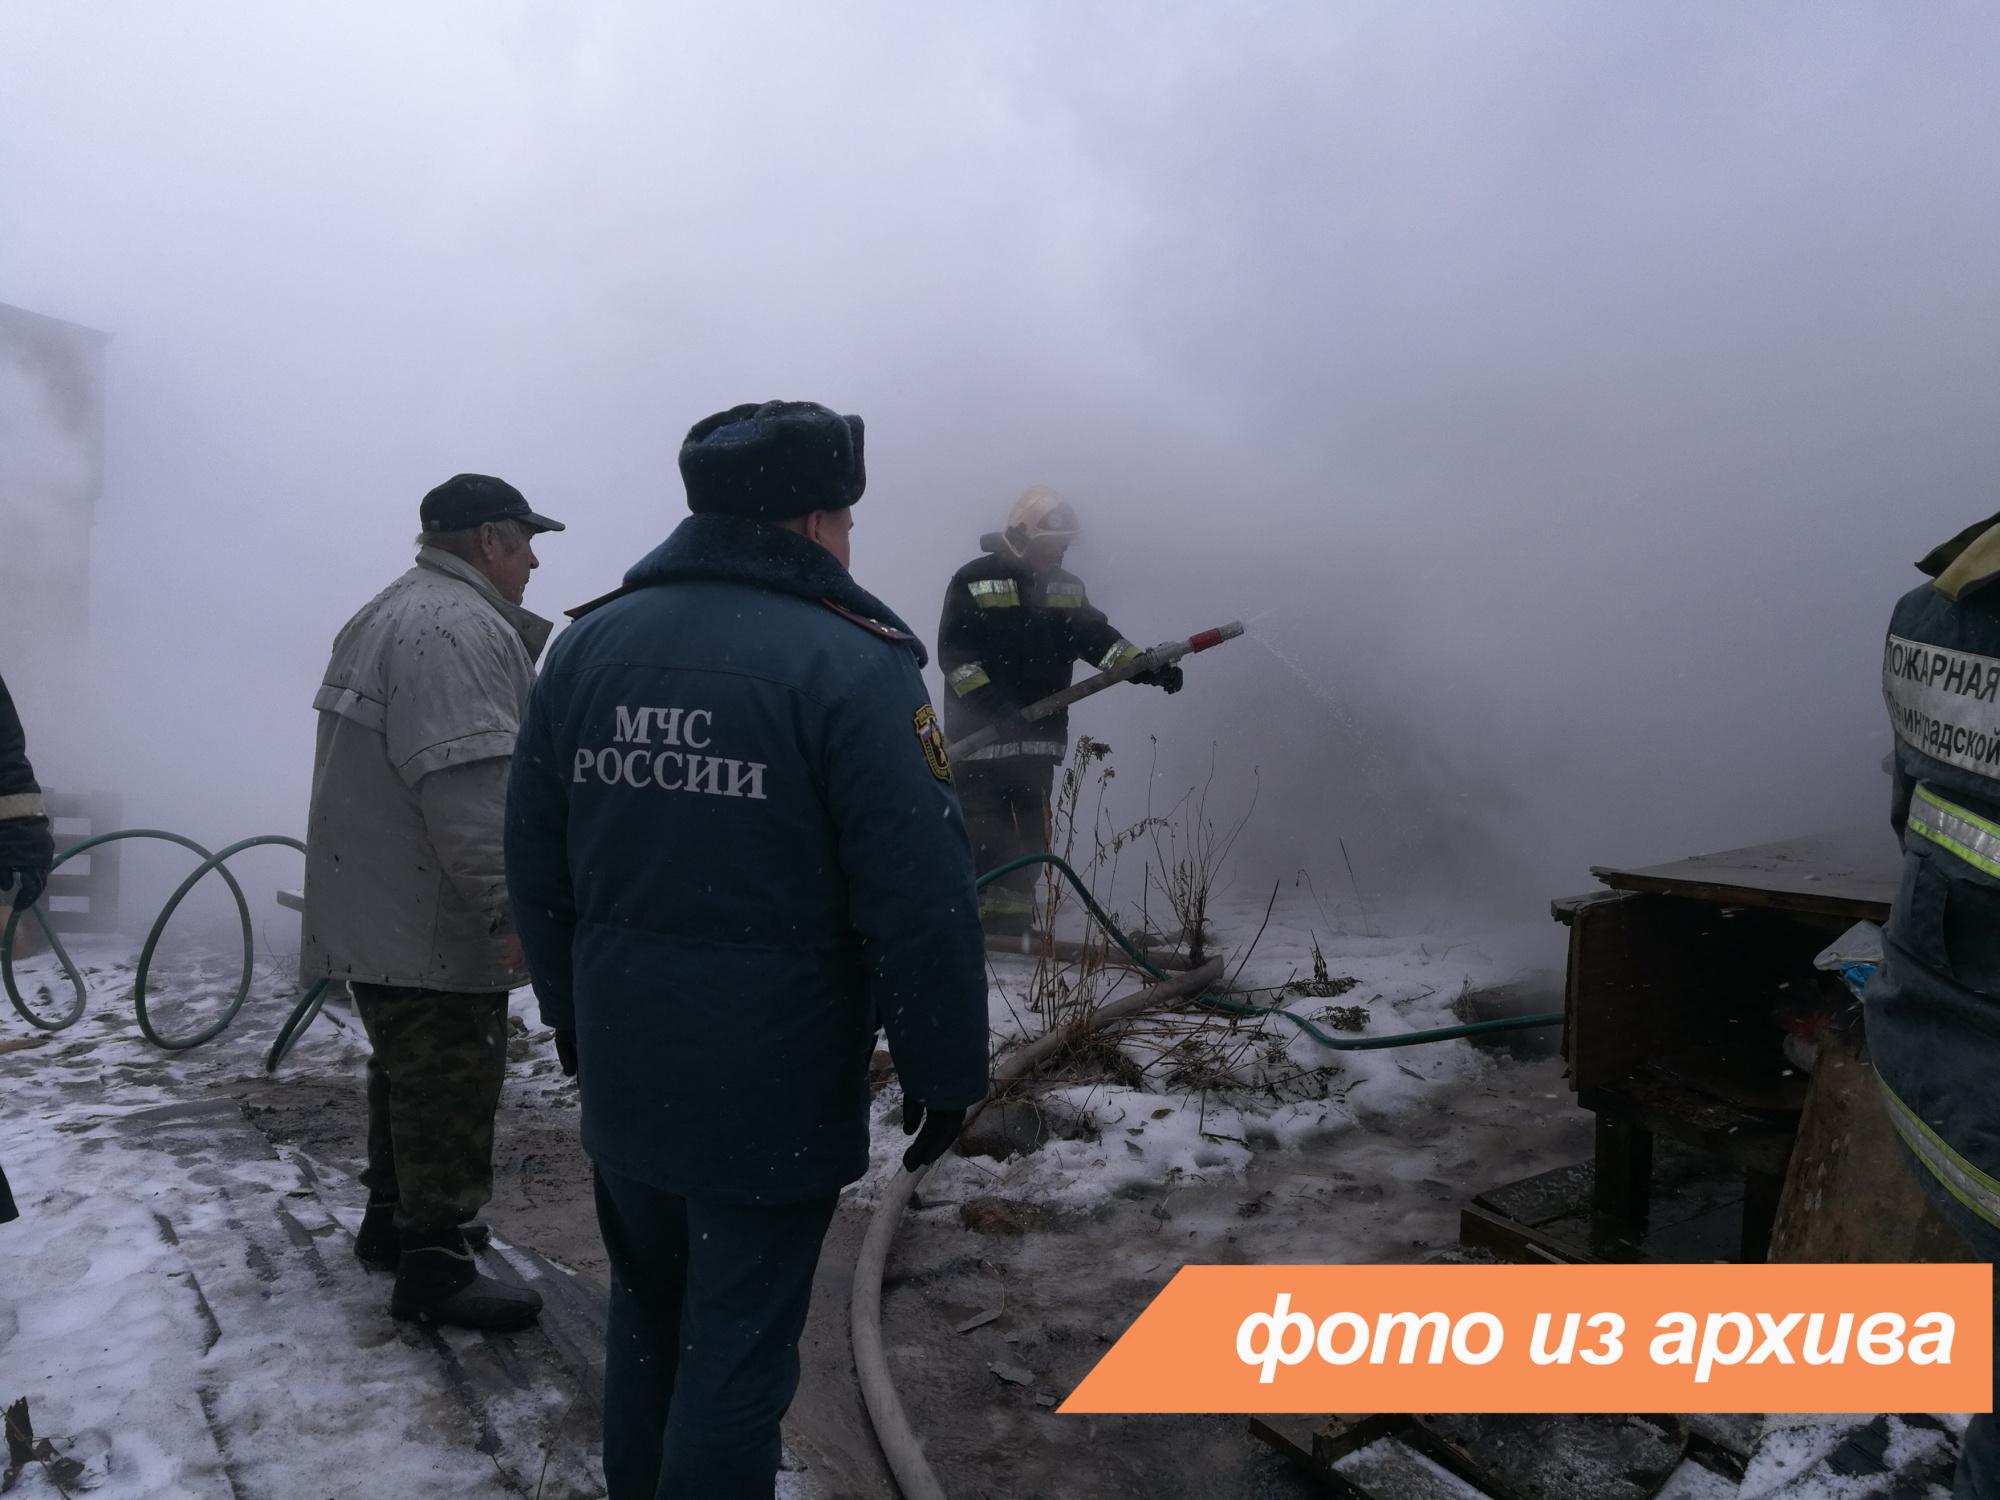 Пожарно-спасательные подразделения Ленинградской области ликвидировали пожар в Волосовском районе